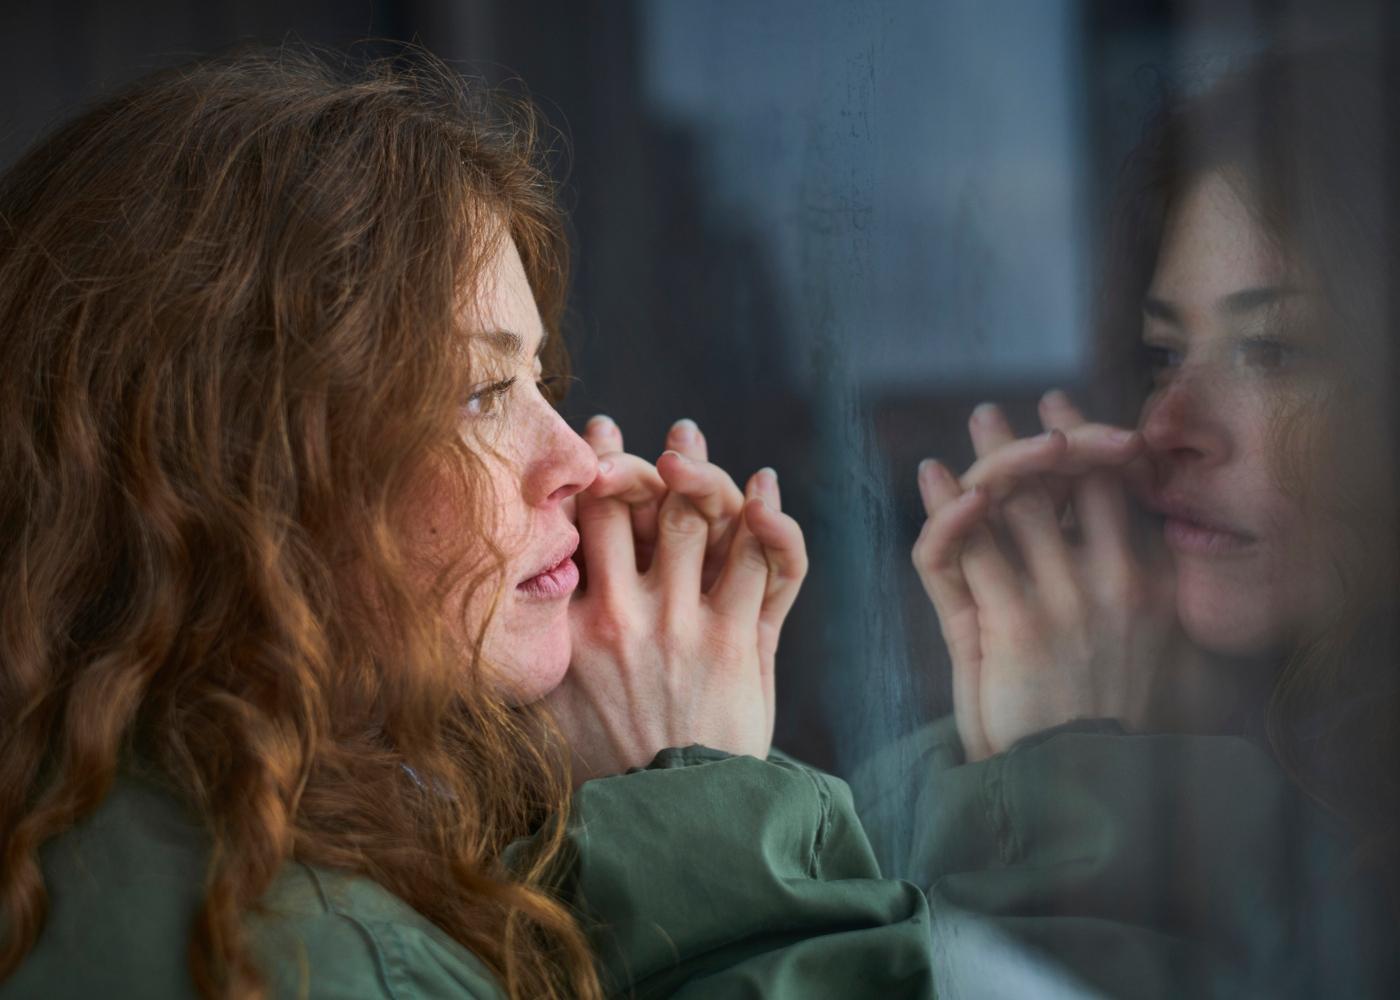 Gestão de stress e importância do exercício físico: mulher pensativa a olhar pela janela